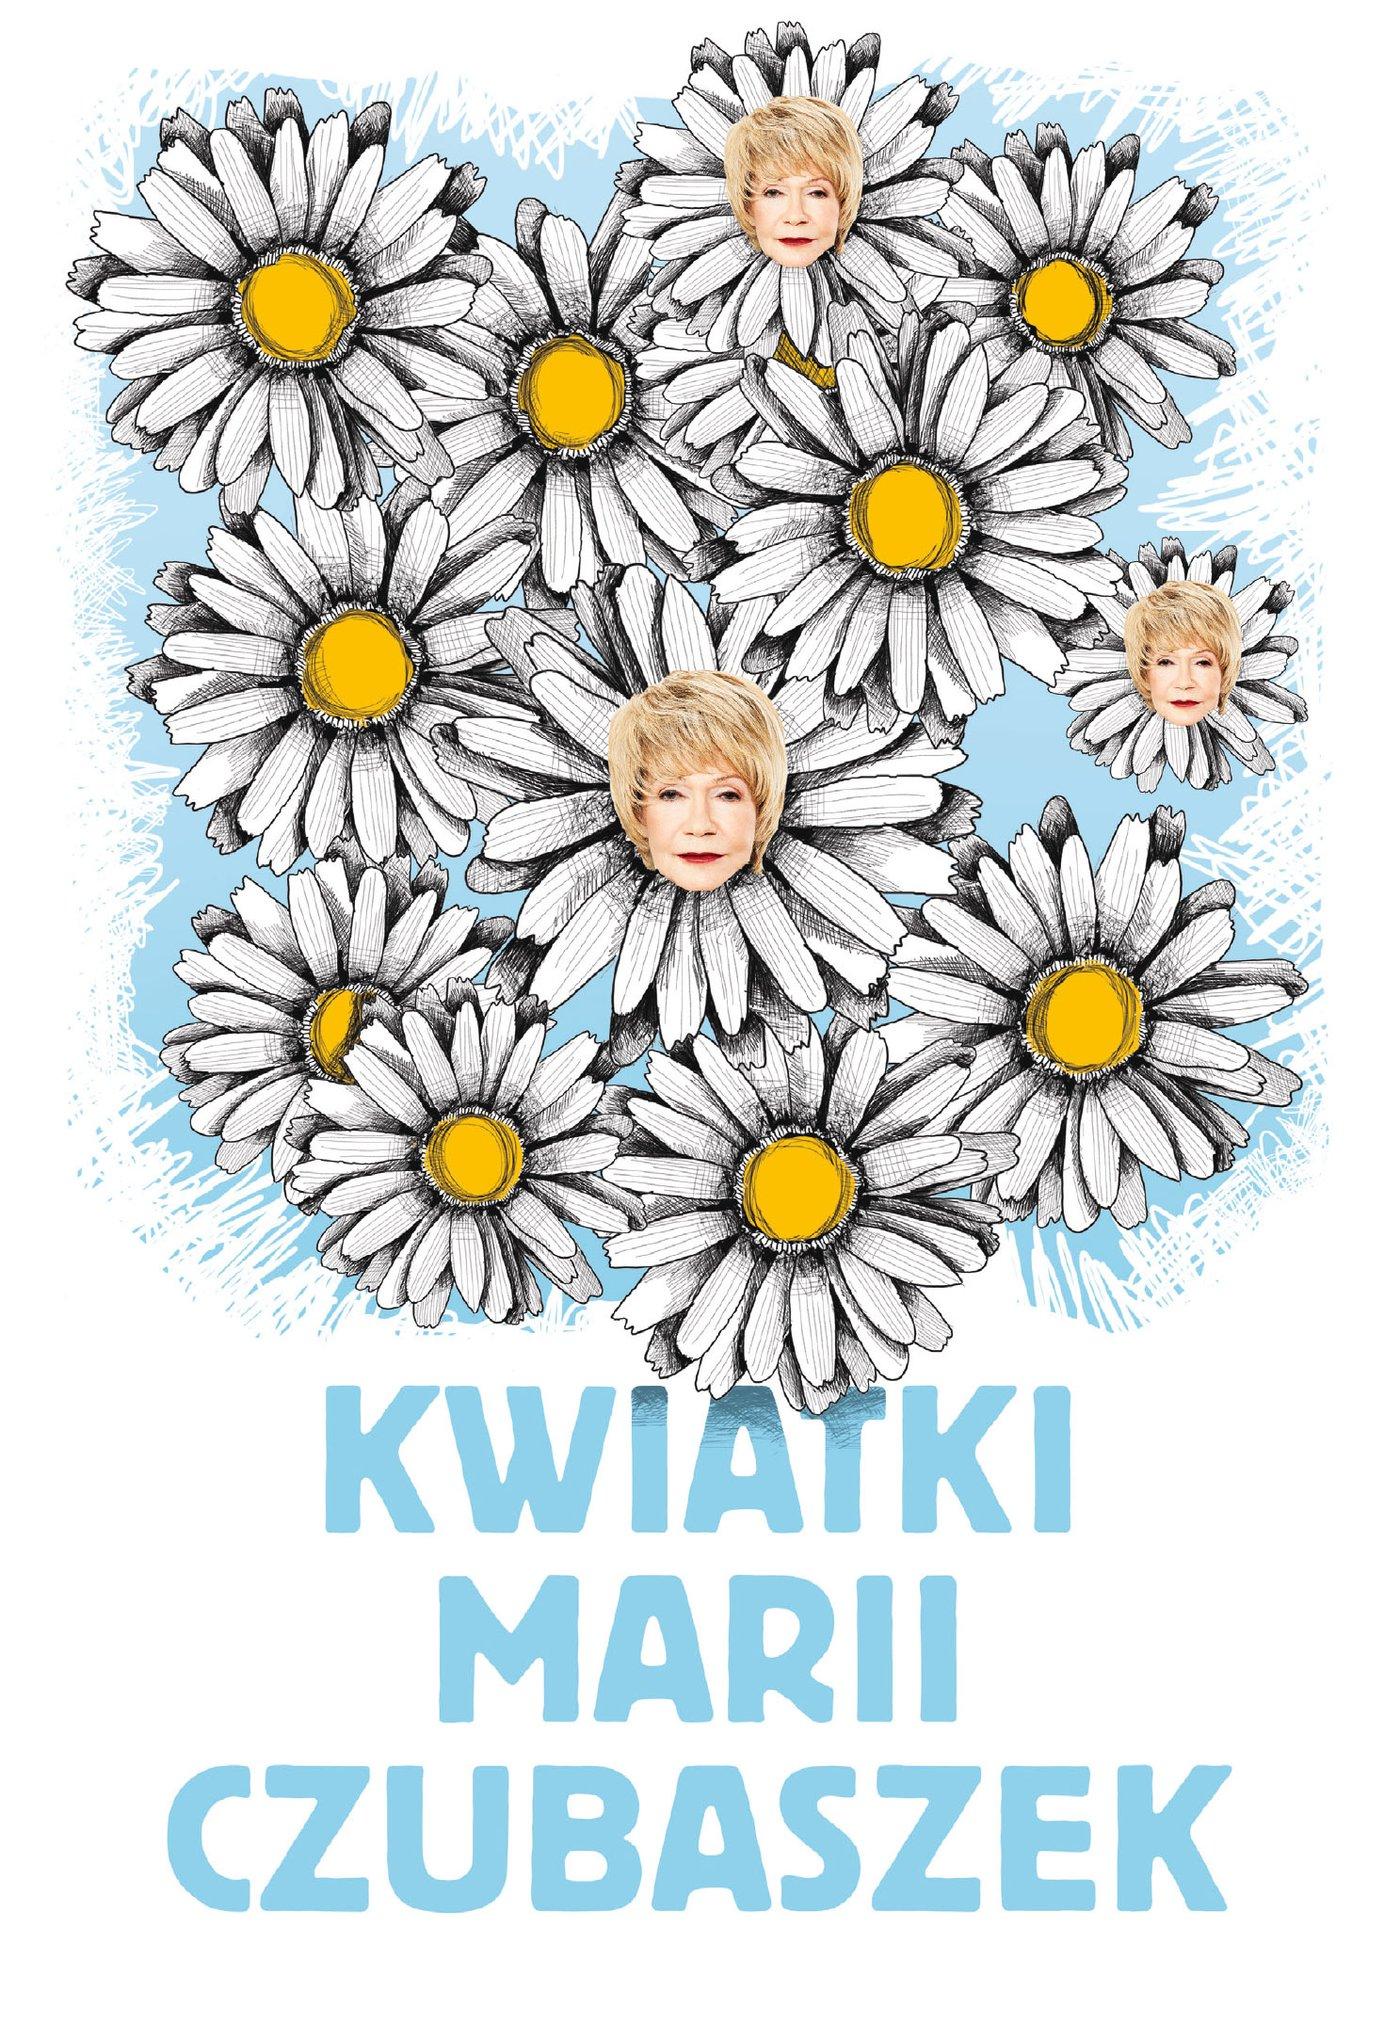 Kwiatki Marii Czubaszek - Ebook (Książka EPUB) do pobrania w formacie EPUB